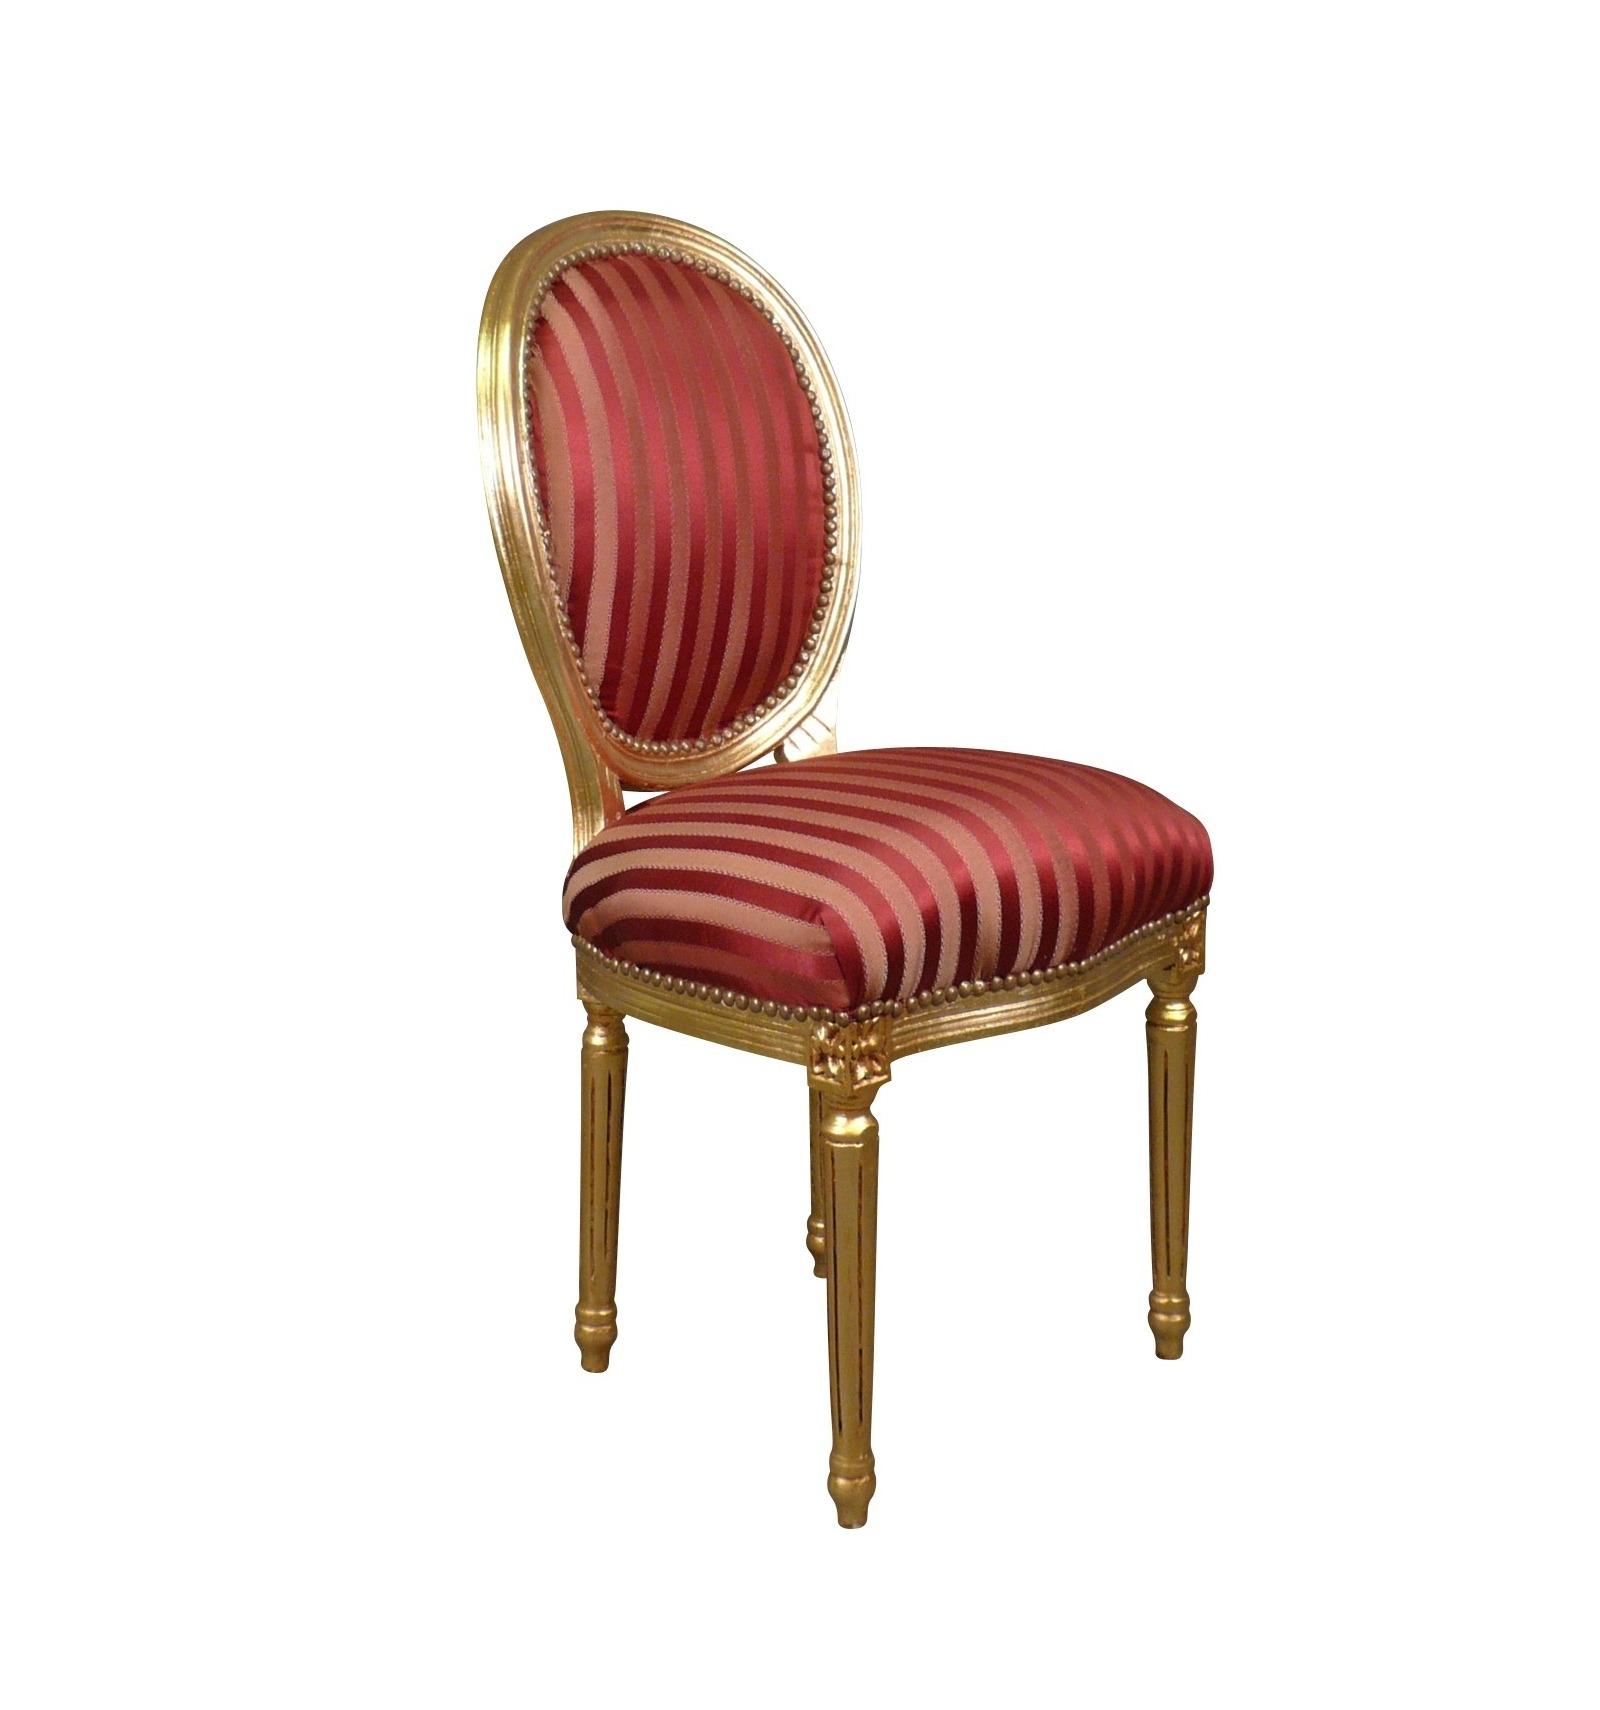 Estilo barroco silla luis xvi - Silla estilo luis xvi ...